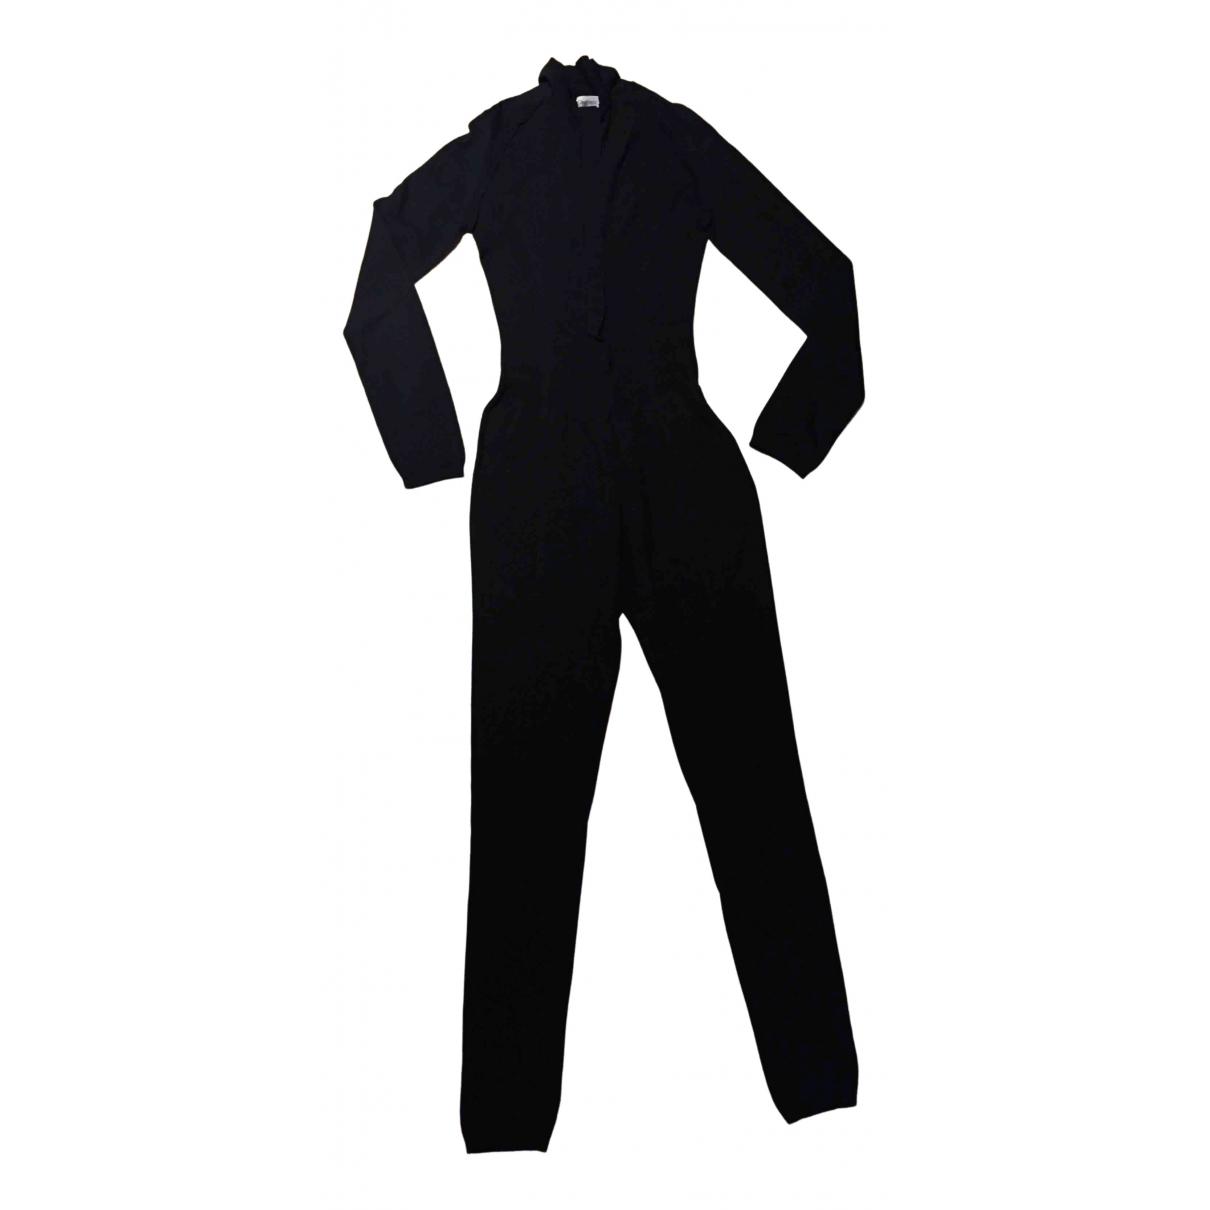 Yves Saint Laurent - Combinaison   pour femme en laine - noir